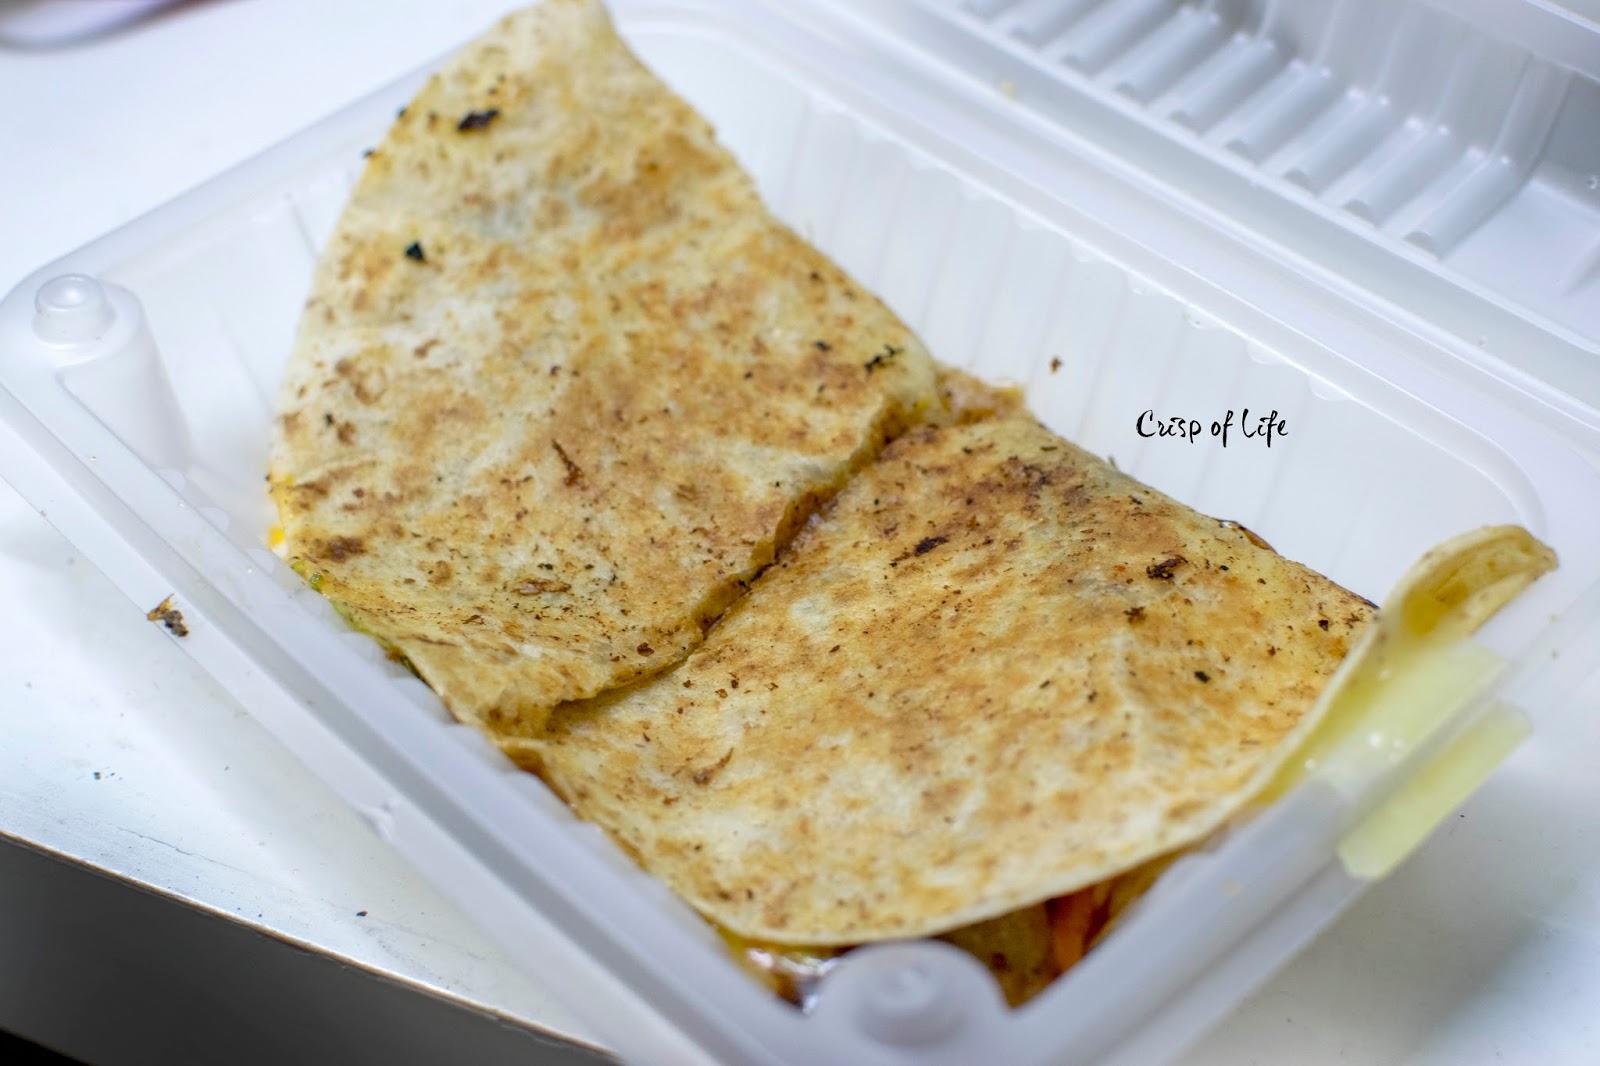 Mexican Food Hot Street Wagoon Food Truck Relau